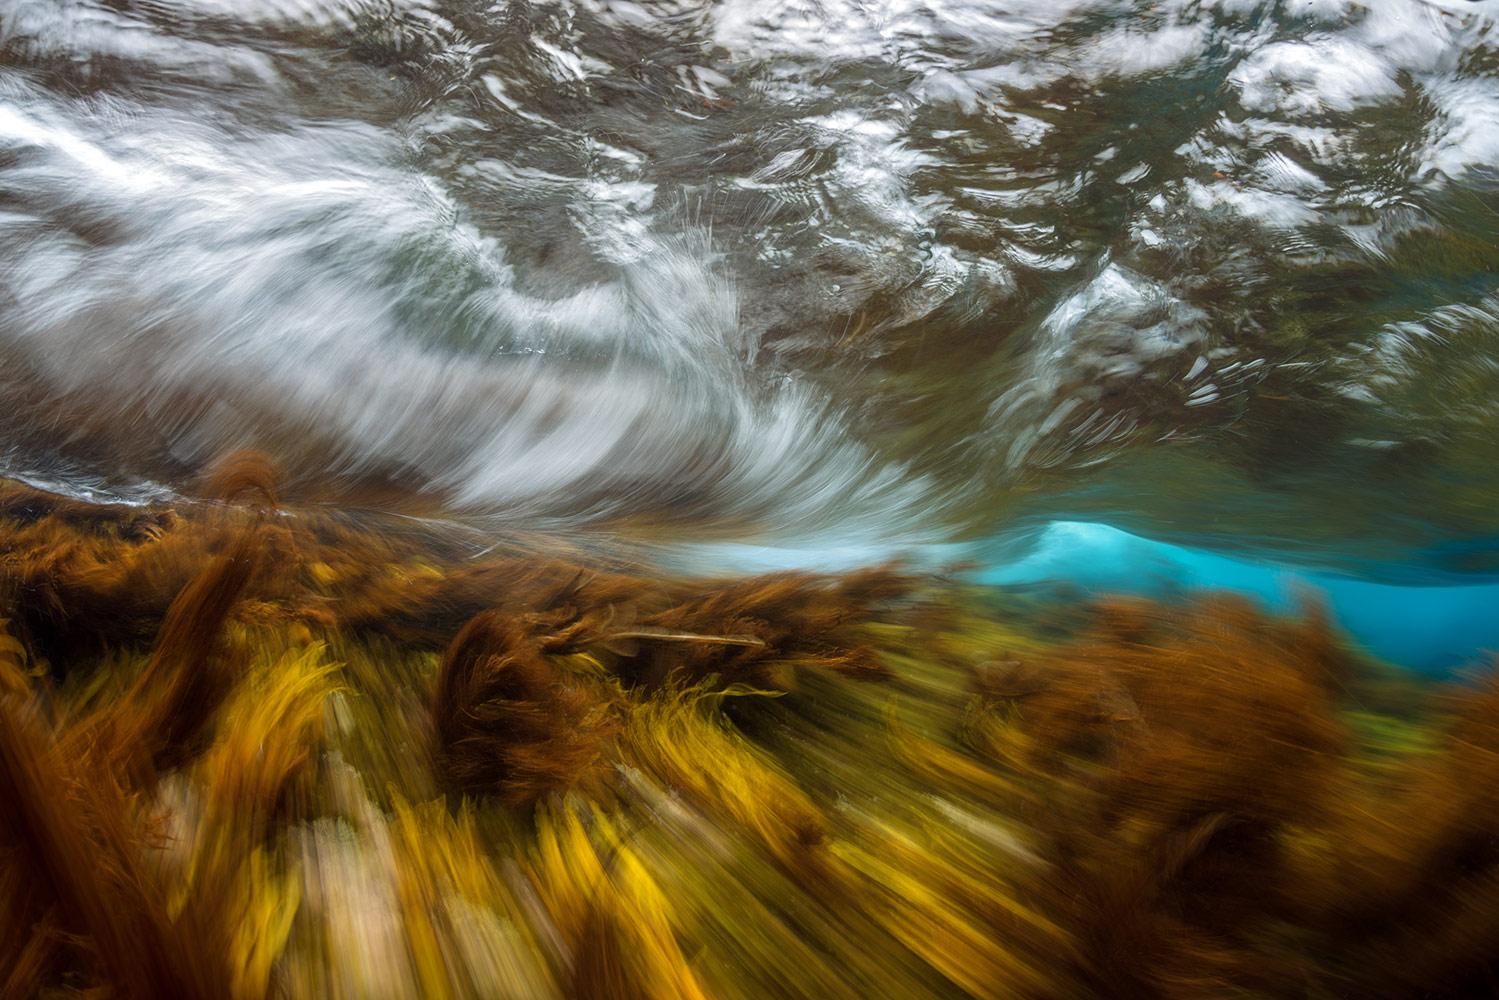 Осенний шторм, © Сергей Шанин, Третье место, Фотоконкурс «Золотая Черепаха»